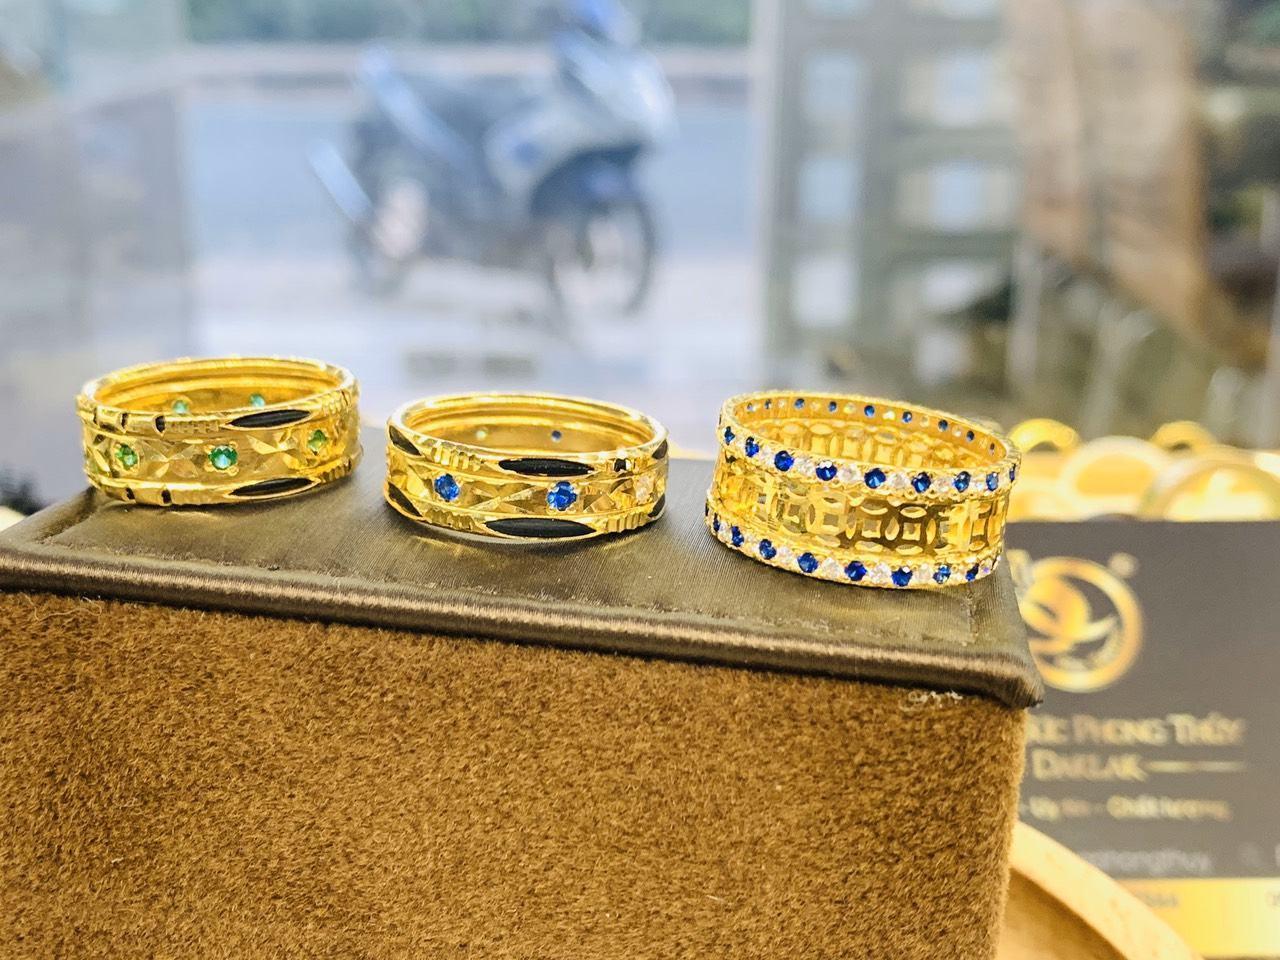 Nhẫn Kim Tiền vàng chạy 2 hàng đá xanh dương